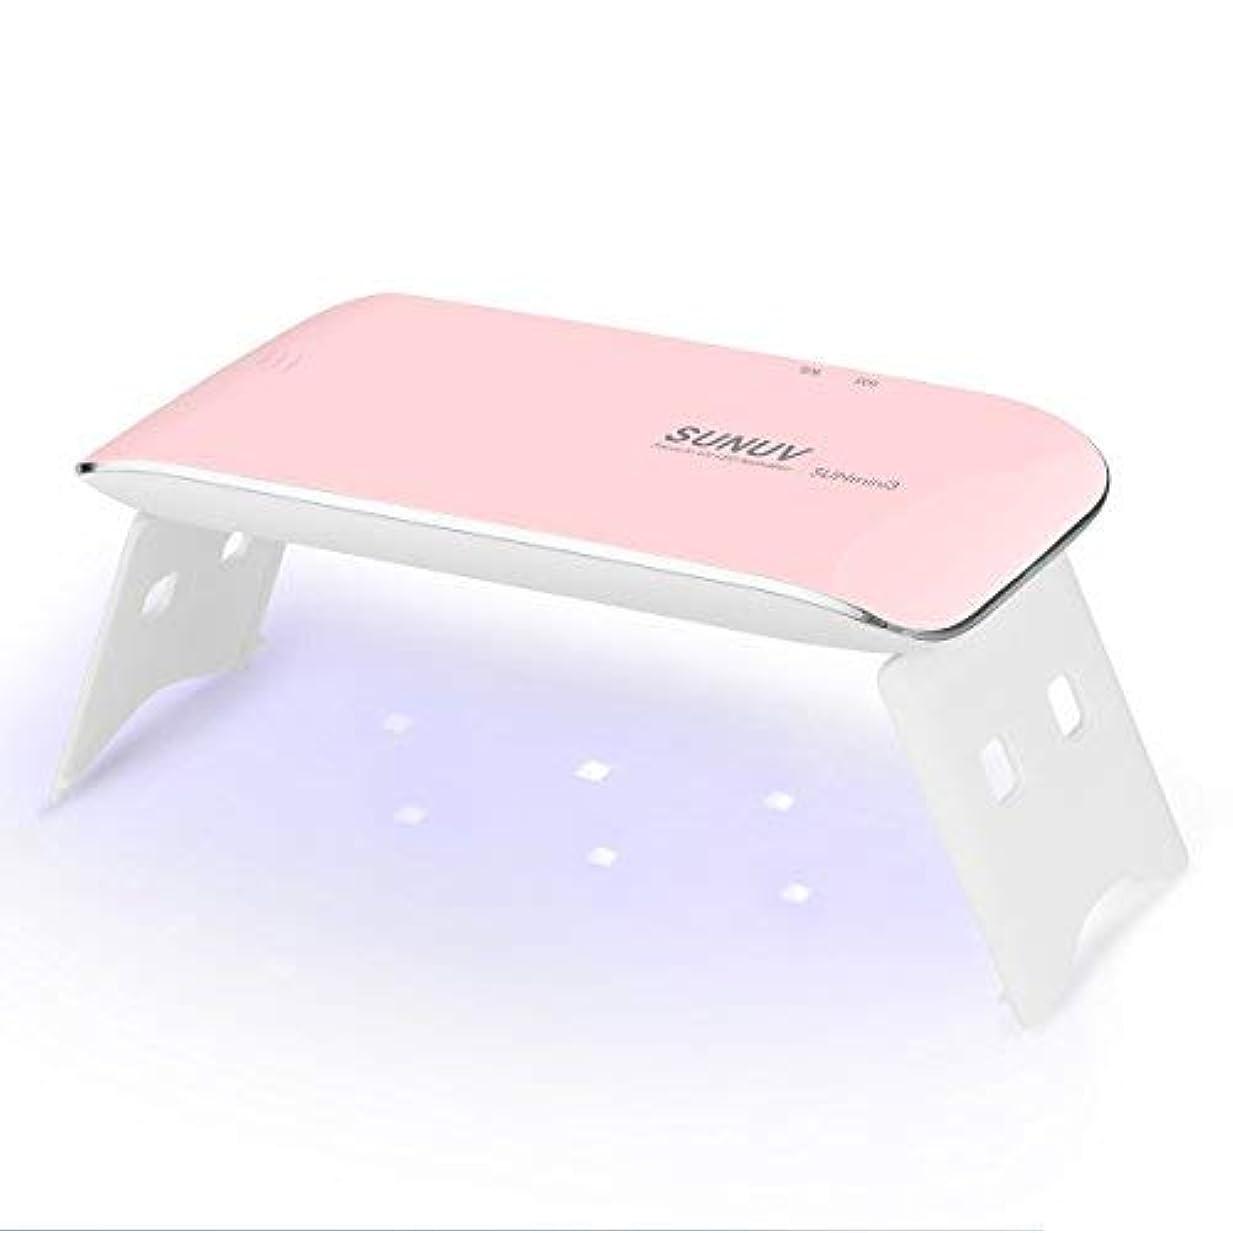 SUNUV UV LEDライト ネイルドライヤー mini ミニ ジェルネイルライト 日本語説明書 ネイルライト 6W 初心者 電池 USB給電 2倍の長寿命 カワイイ 携帯式 一年保証期間